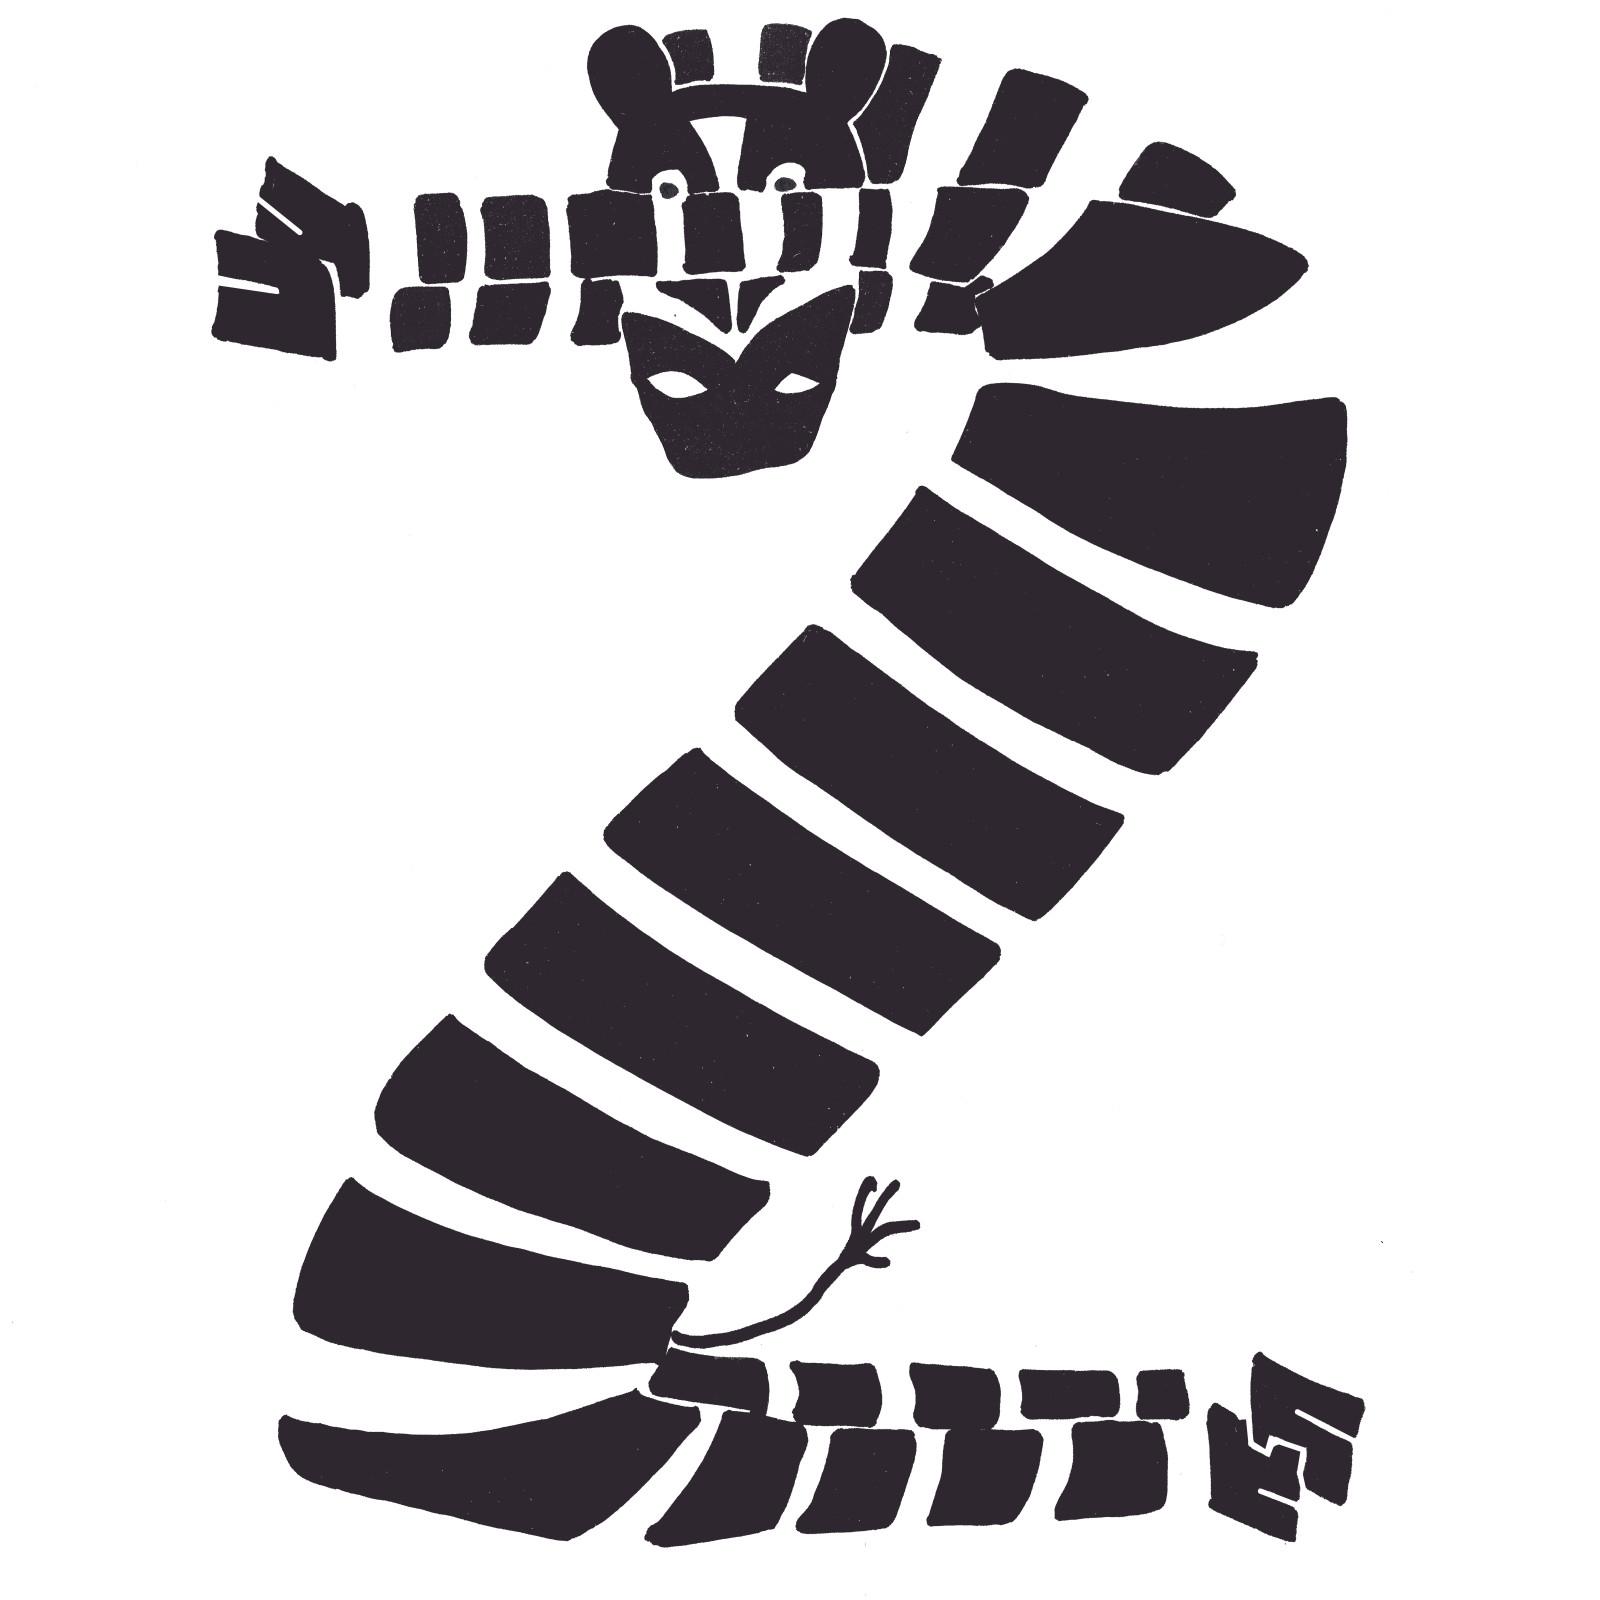 ZebraBuchstabe2 Kopie